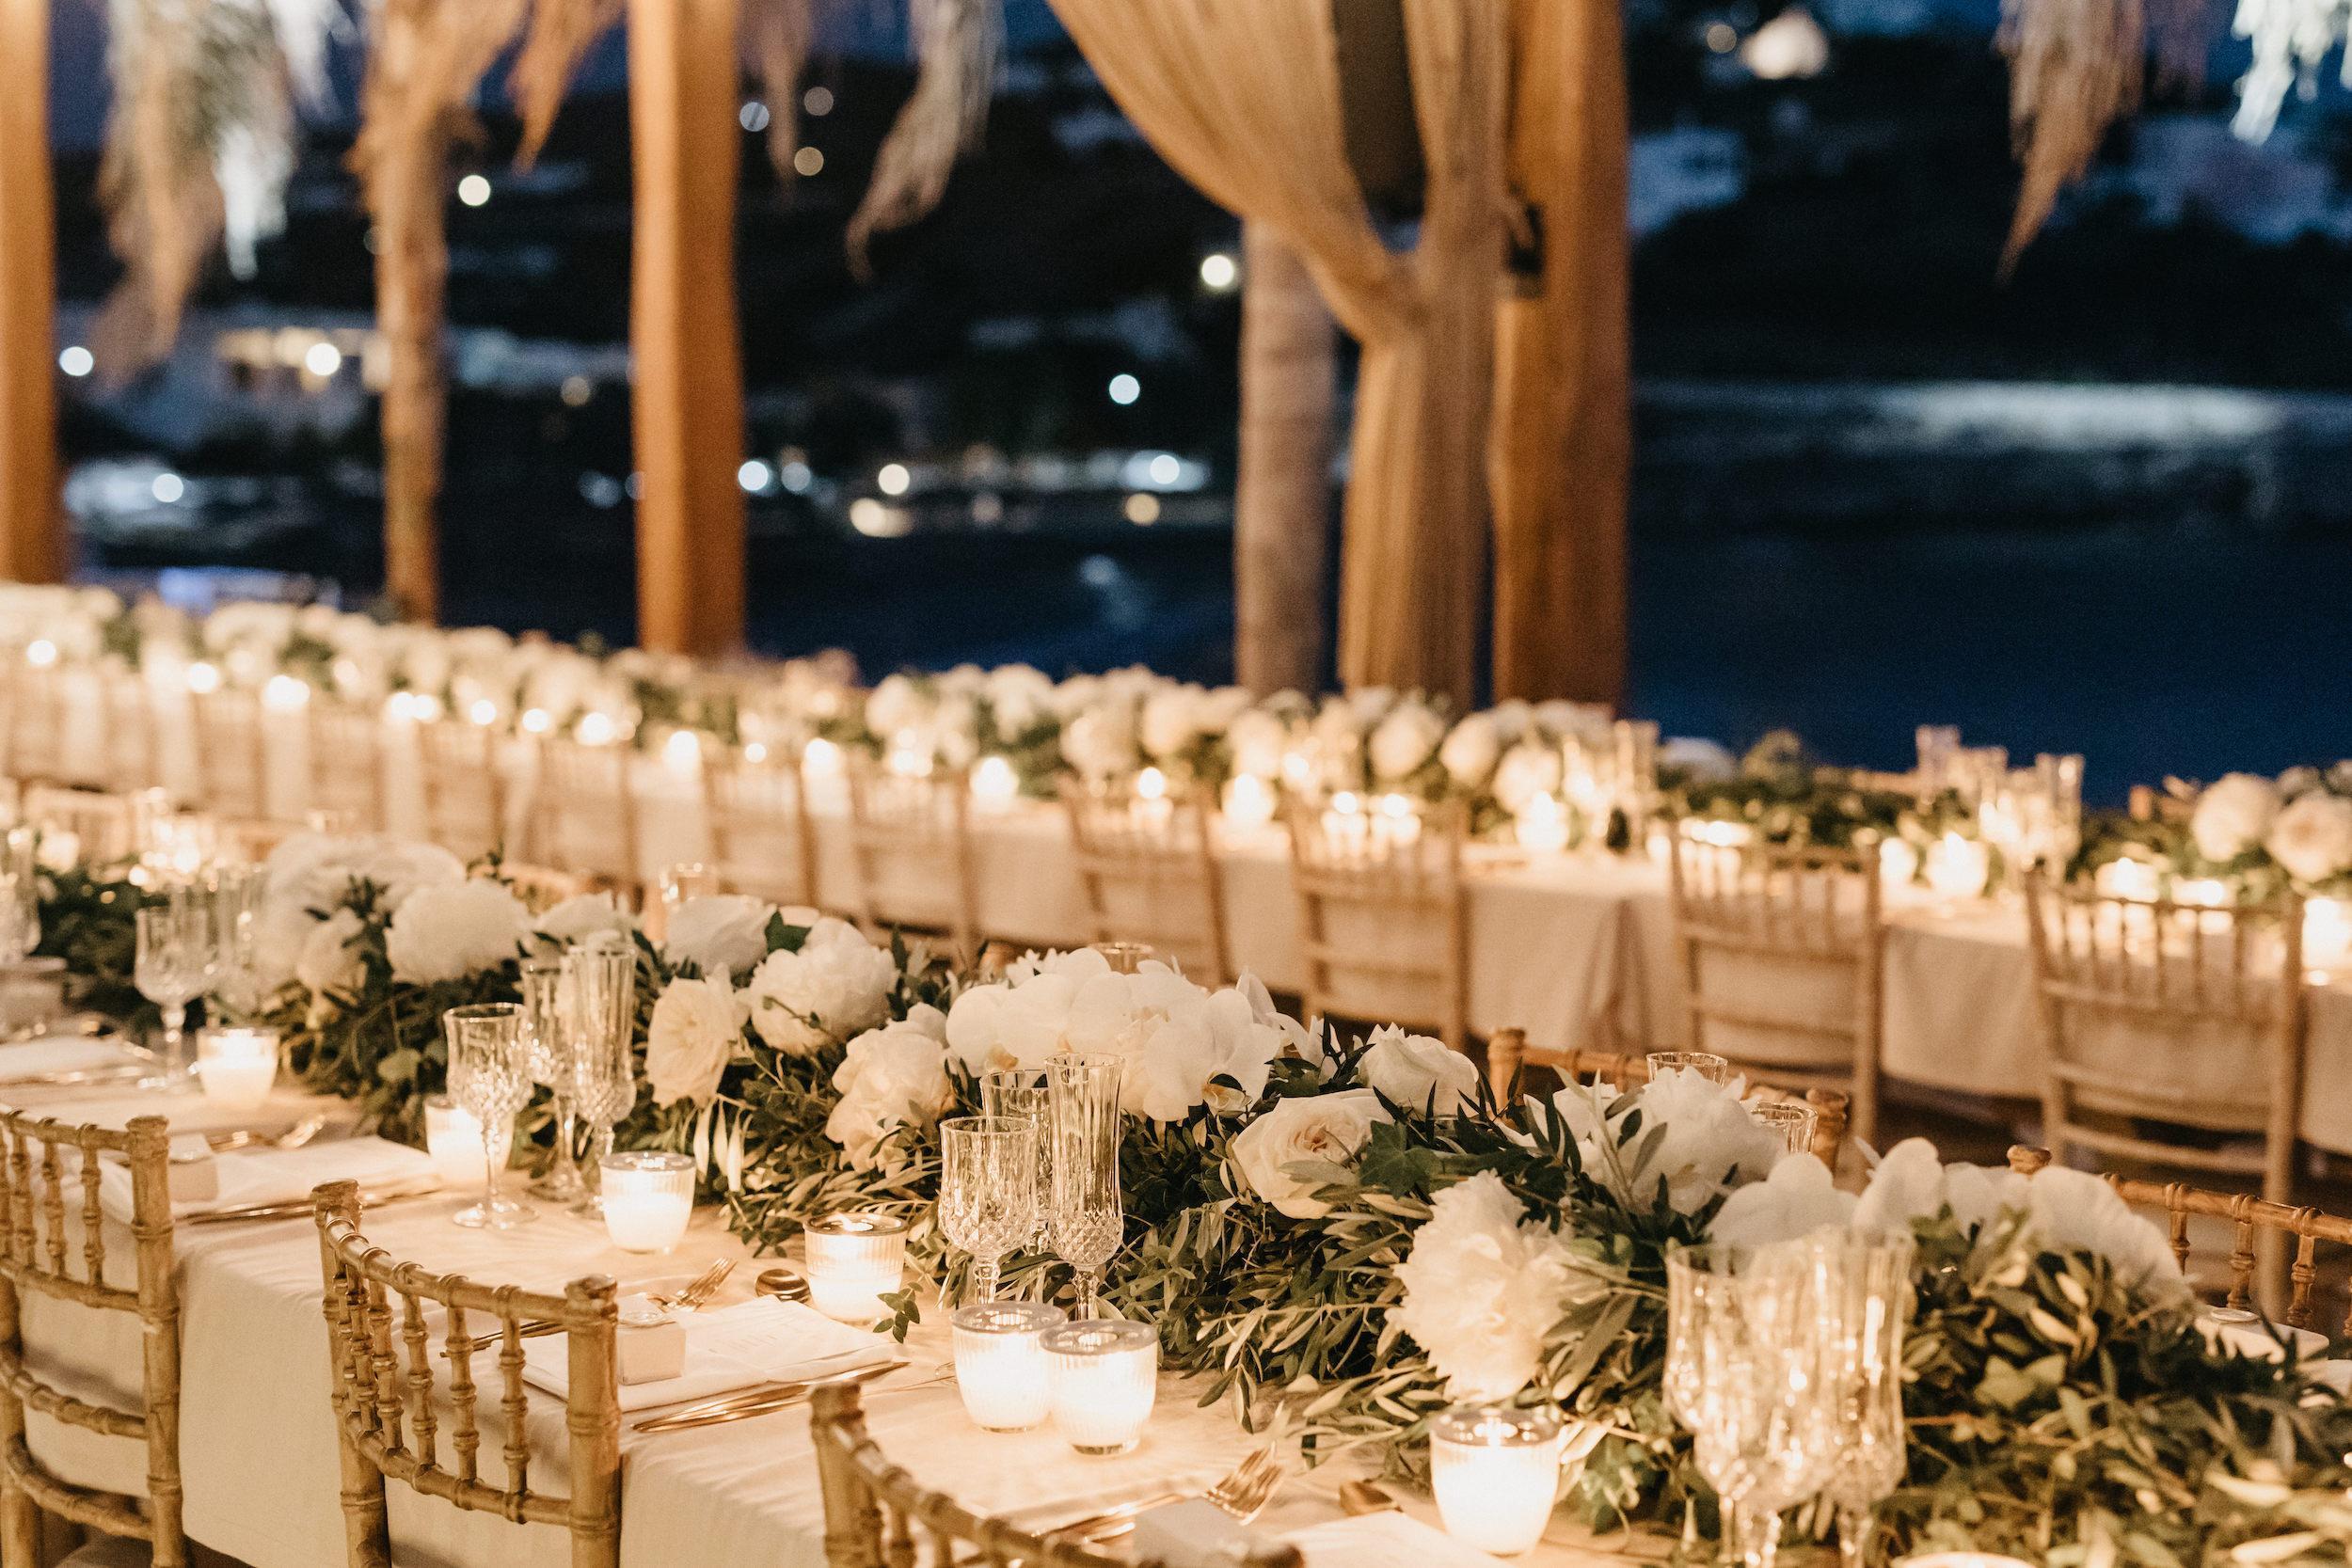 H&W Syros wedding - Image 26